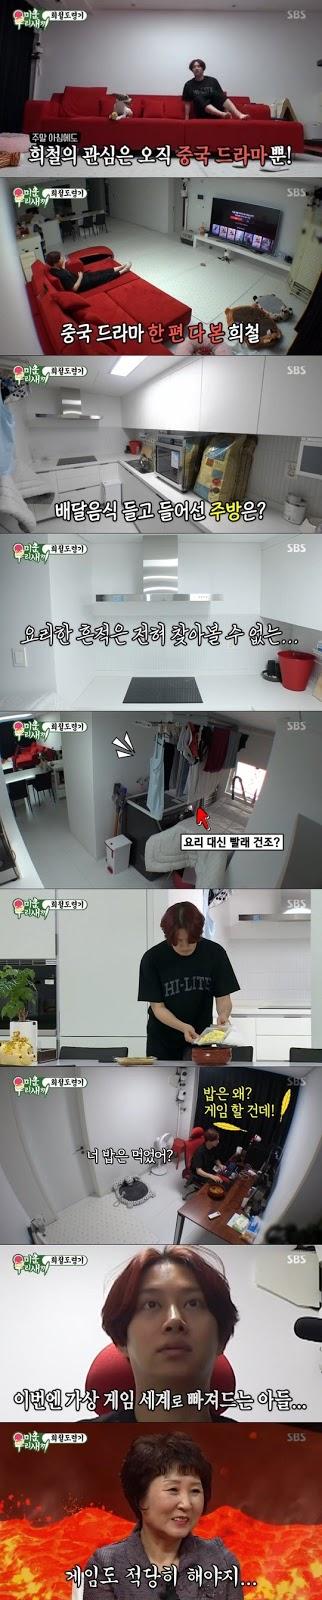 Kim Heechul hayatından bir gününü paylaştı